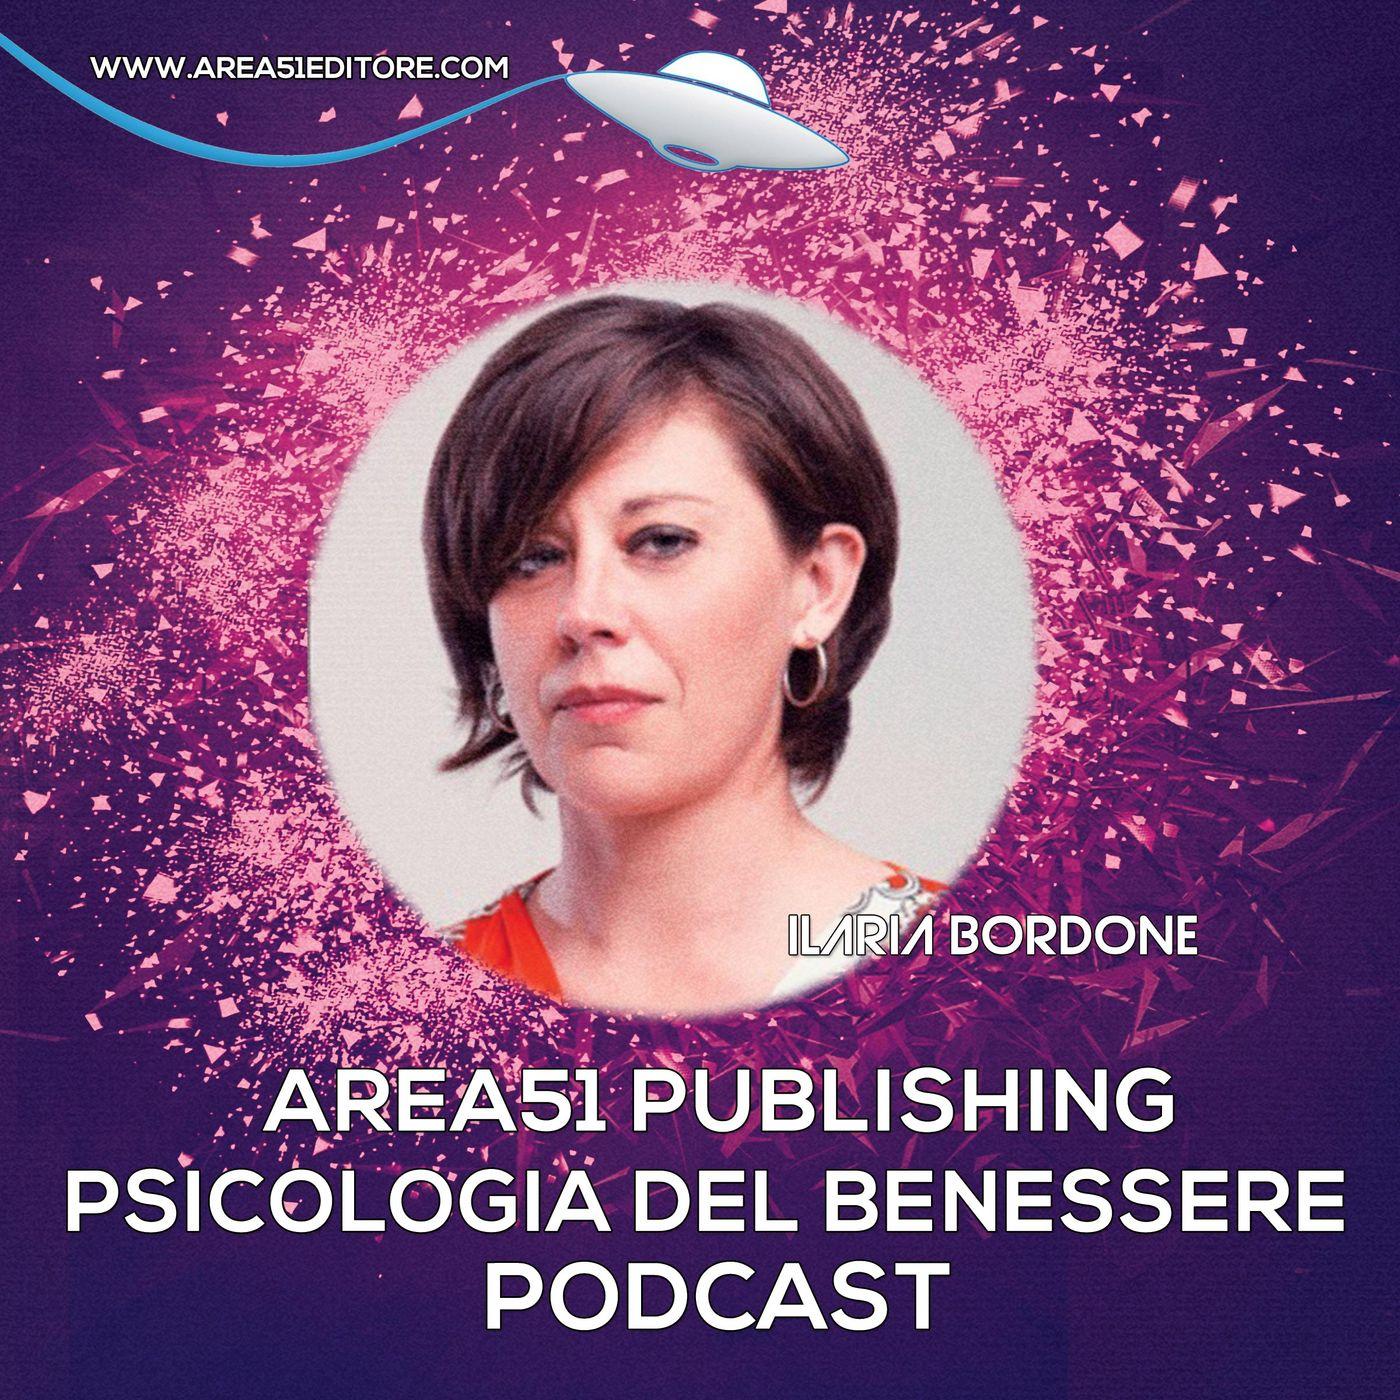 A51 Psicologia del benessere Podcast